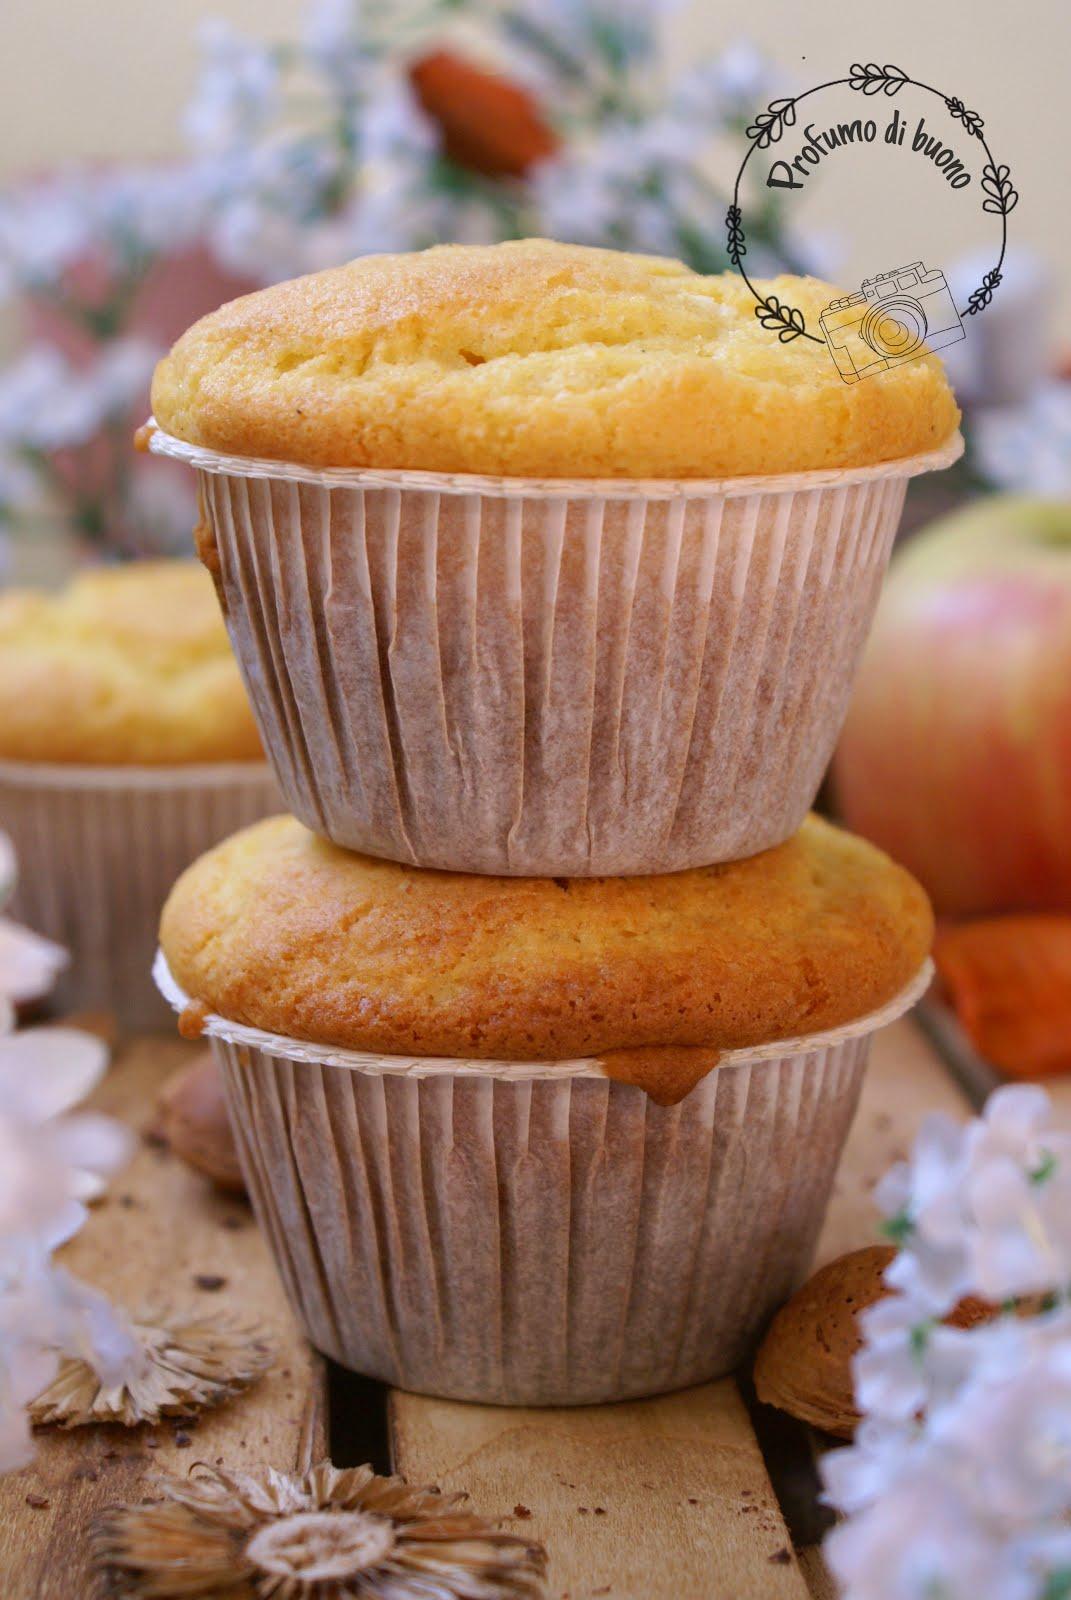 Muffin senza glutine con farina di miglio